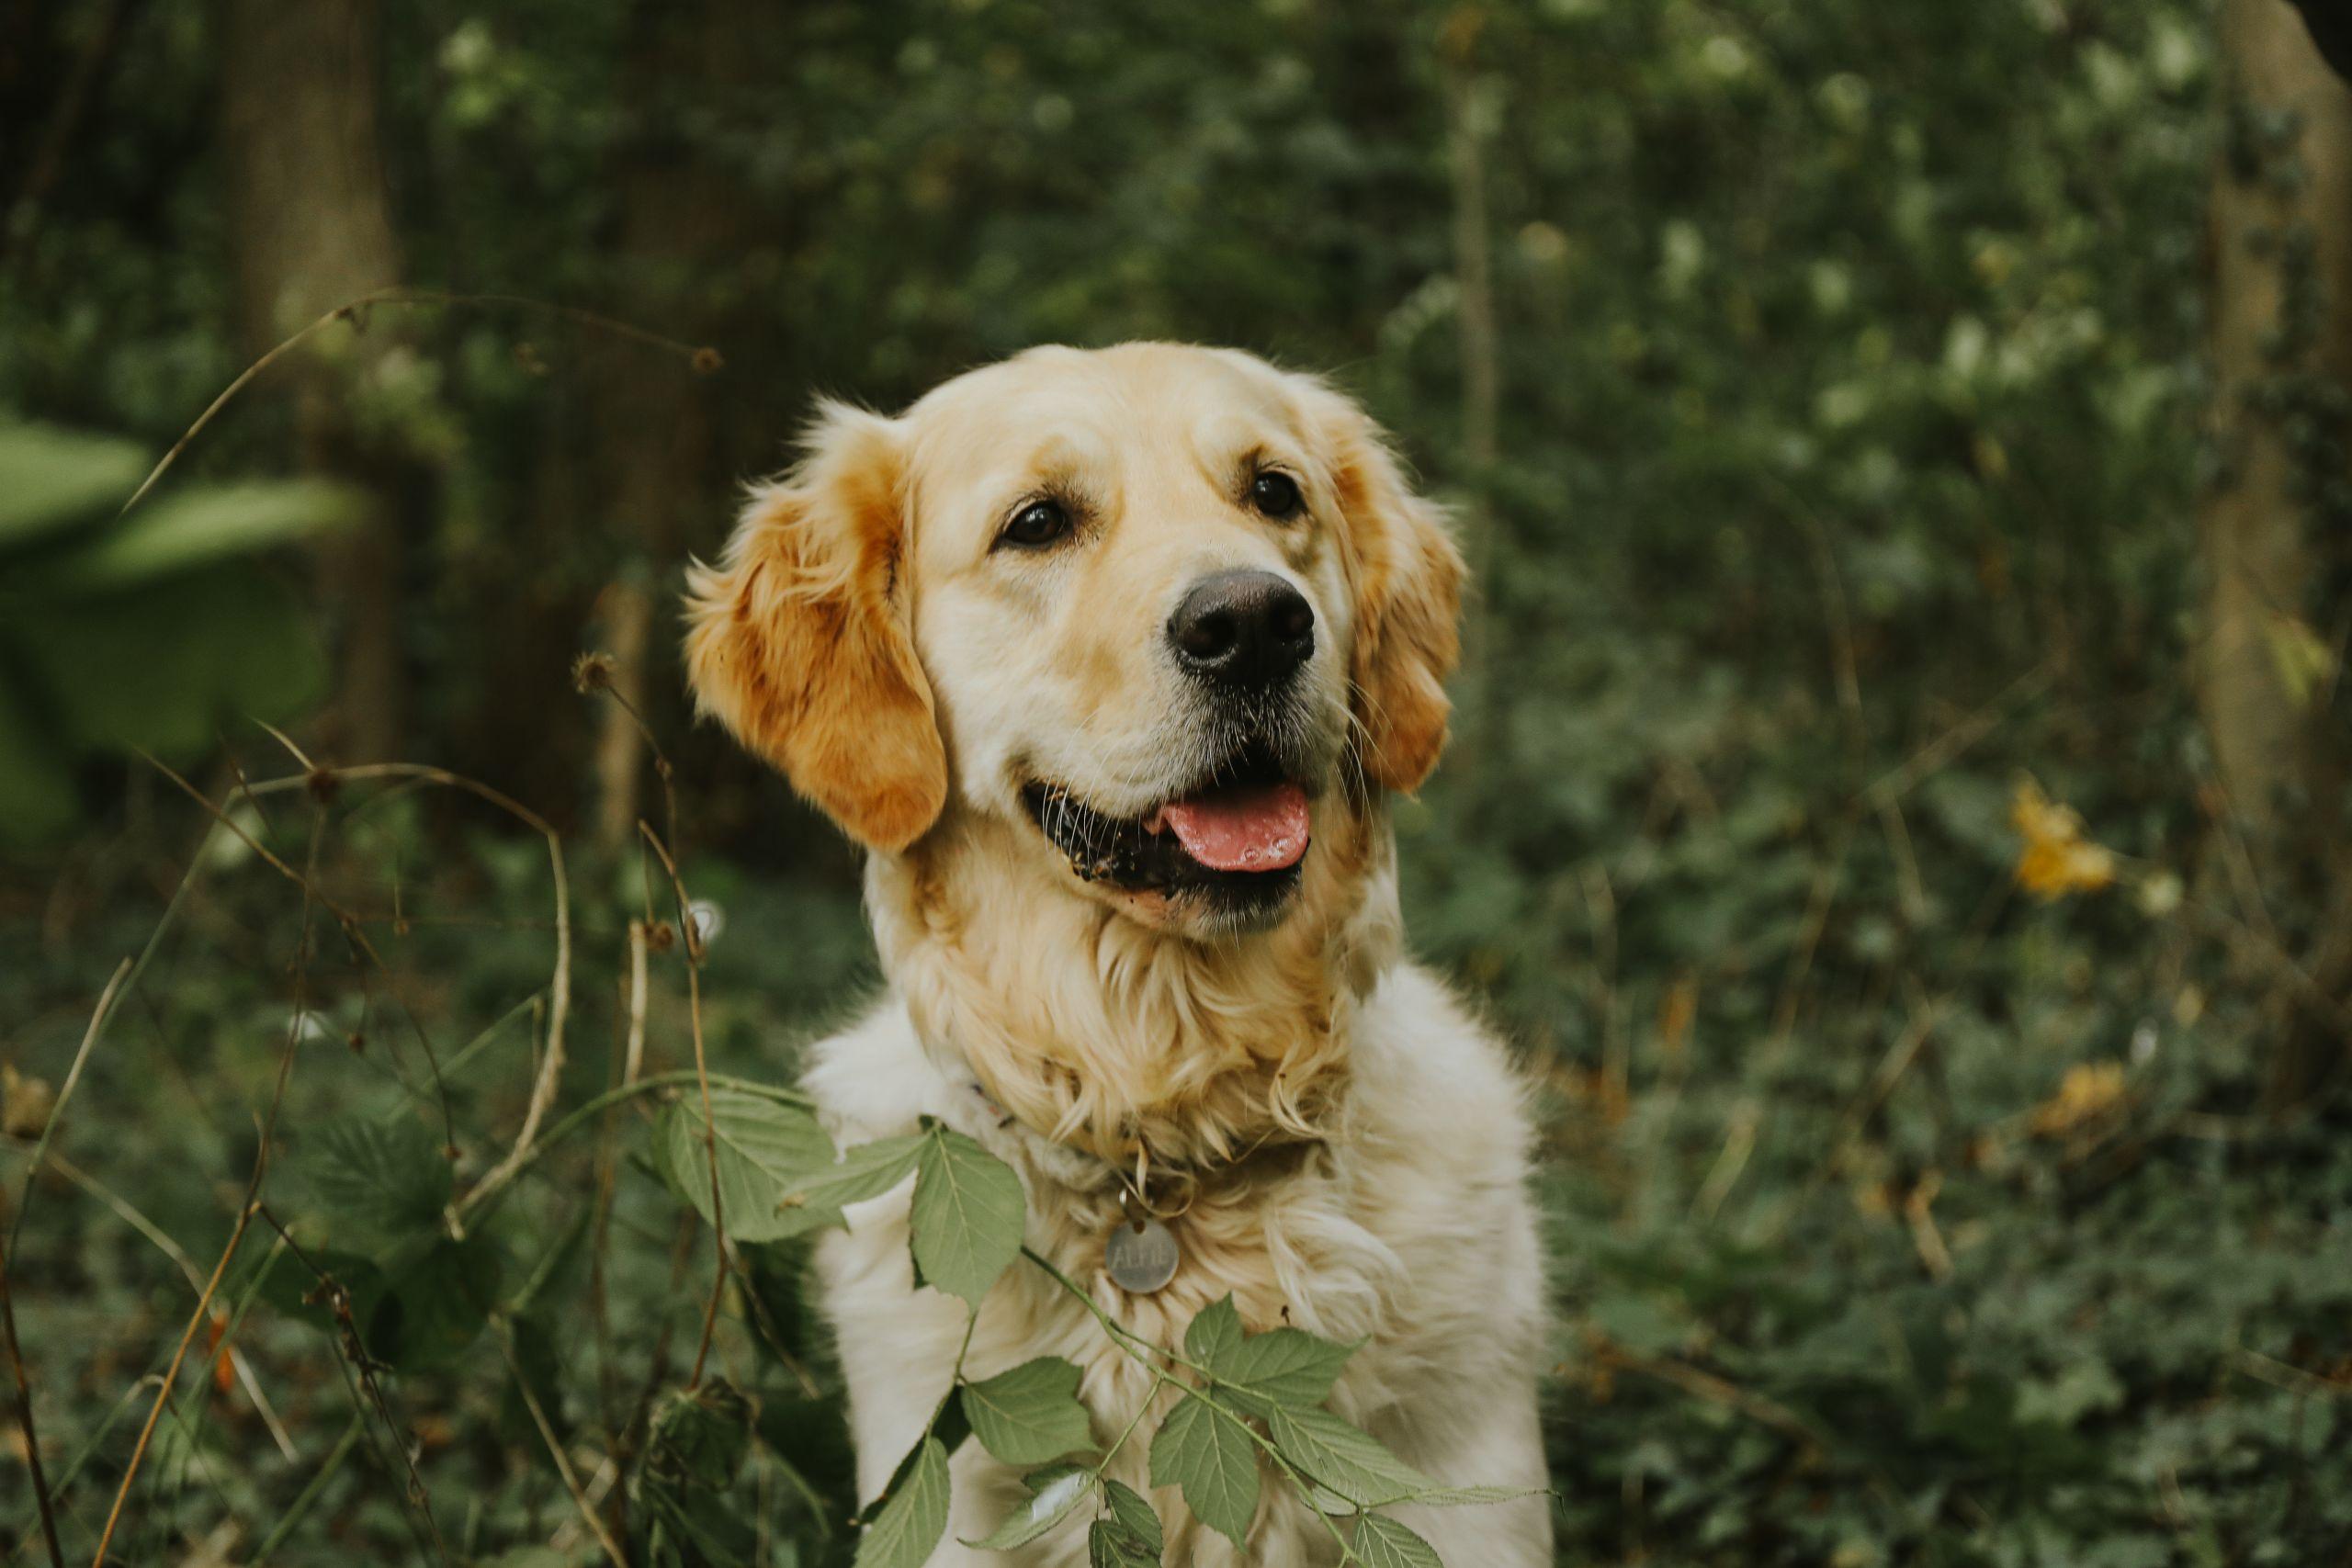 Sørg for din hunds velbefindende